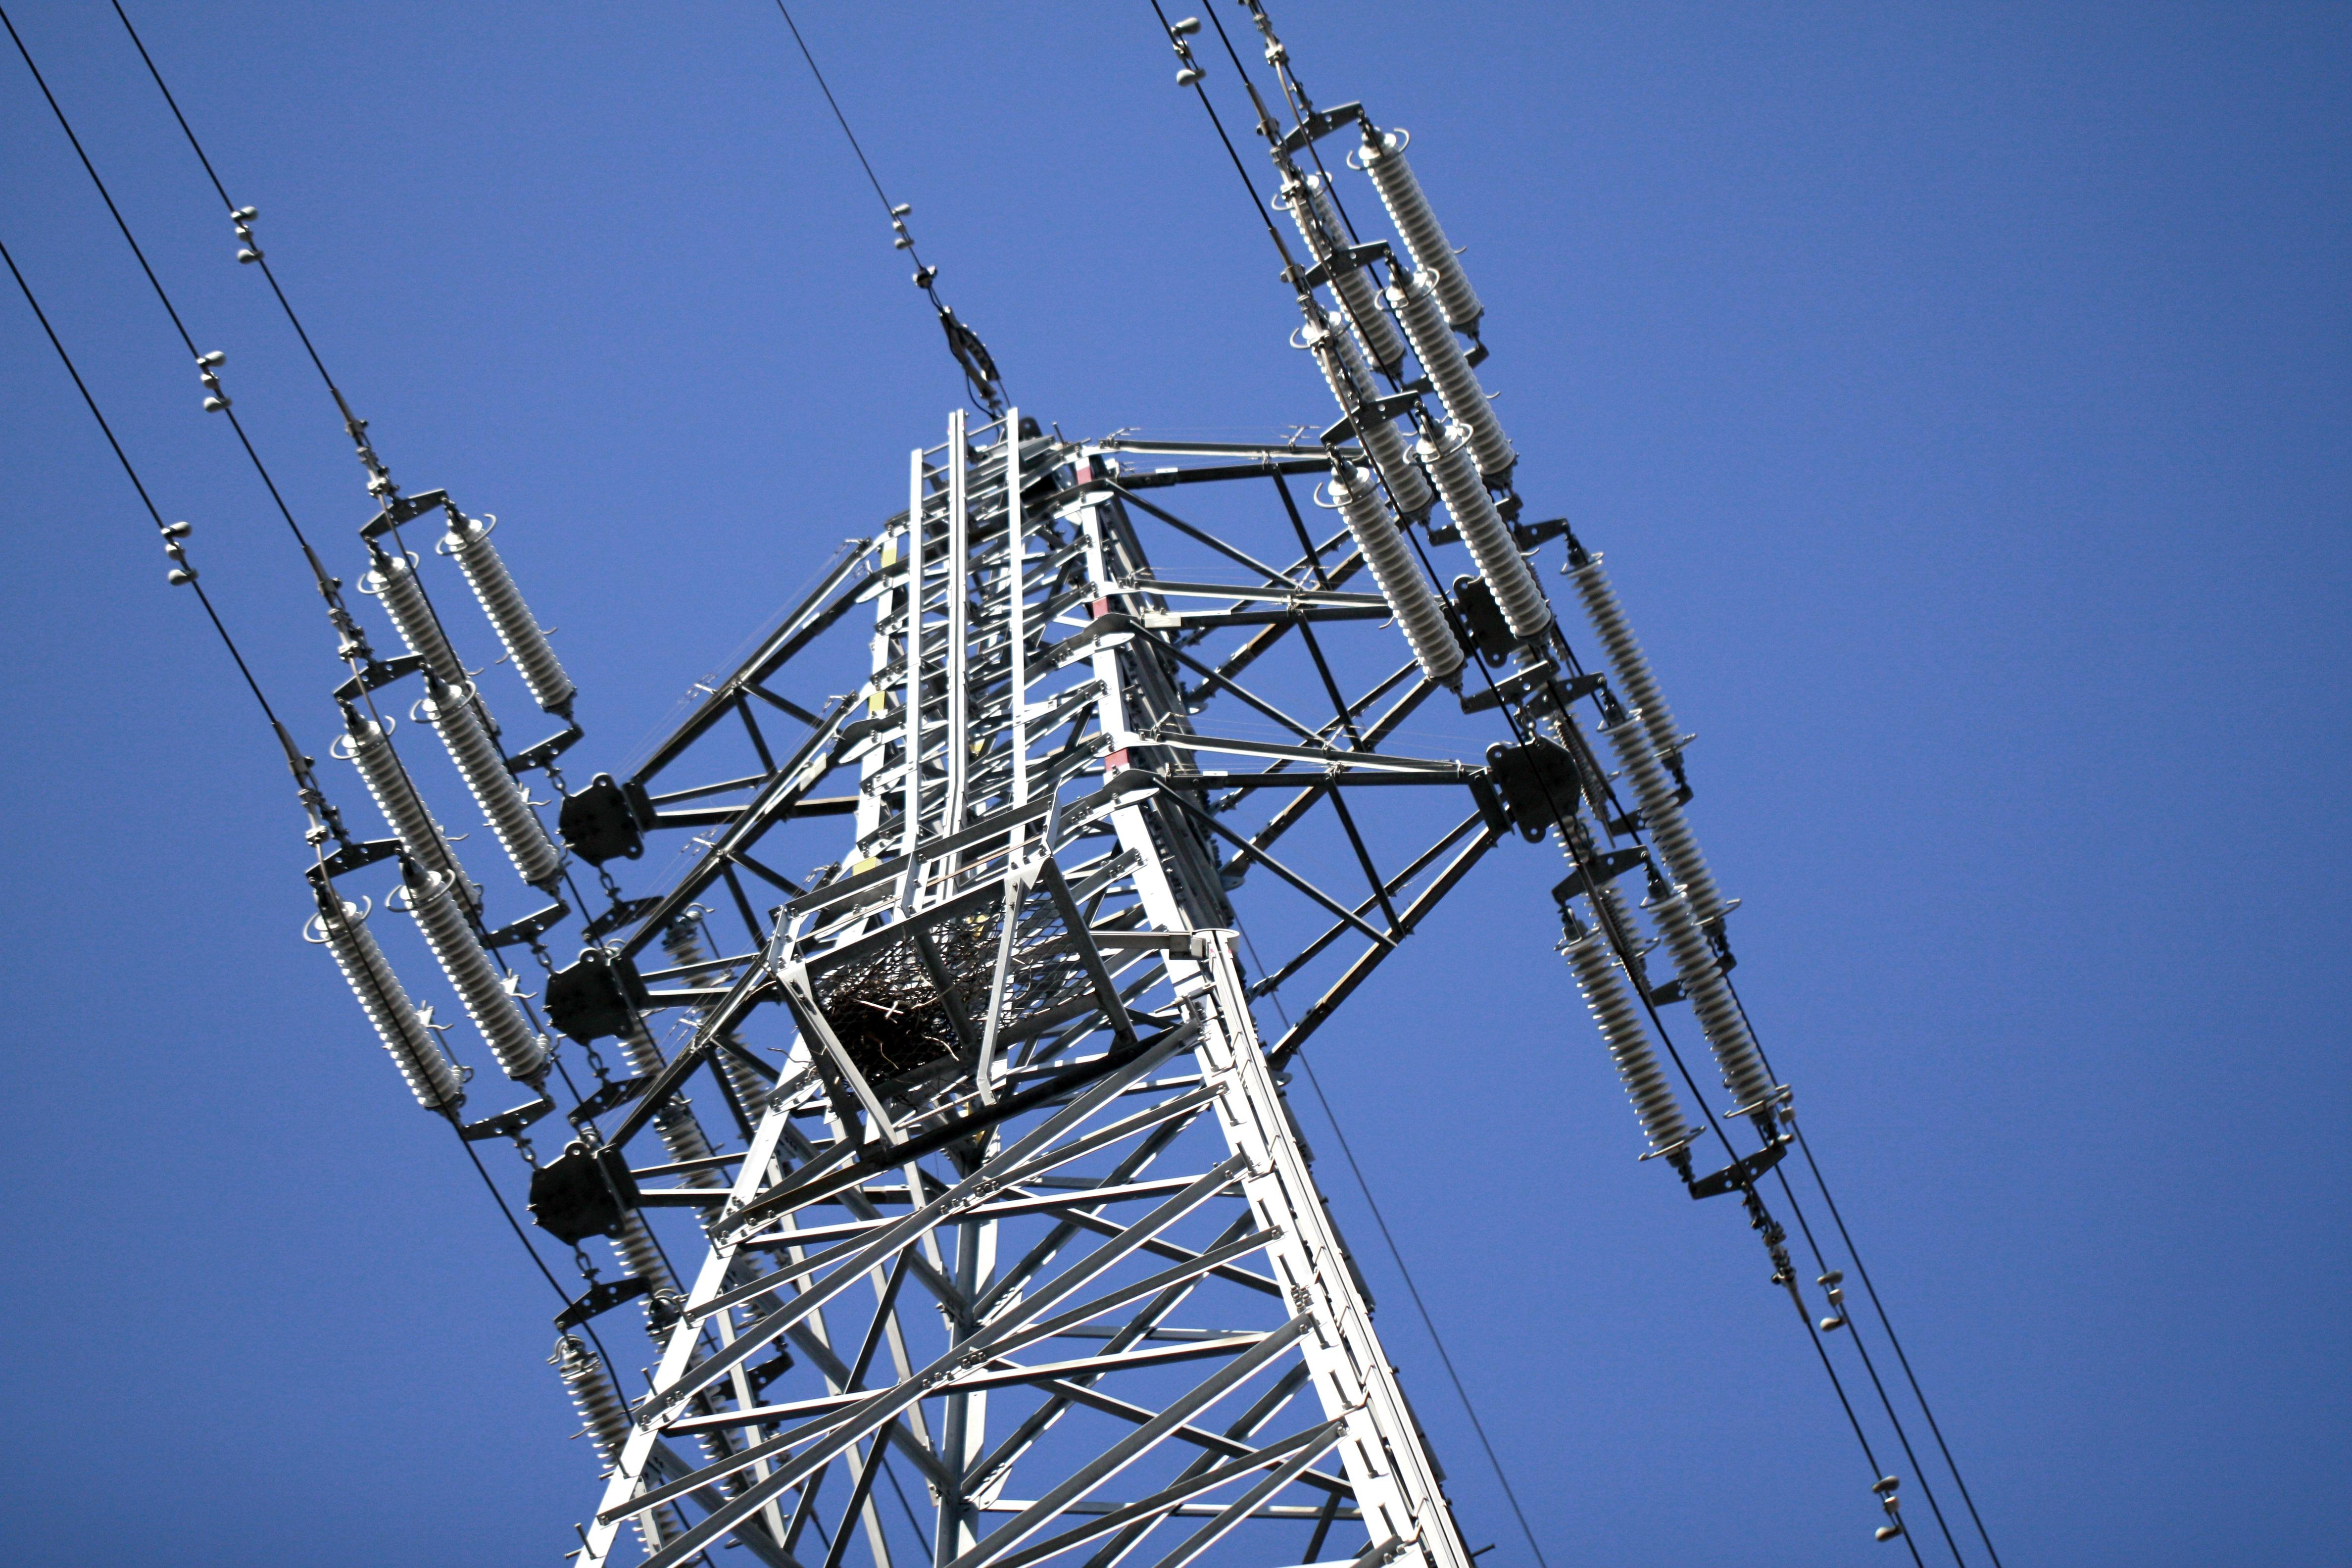 Kostenlose foto : Gebäude, Linie, Fahrzeug, Turm, Stromleitung, Mast ...